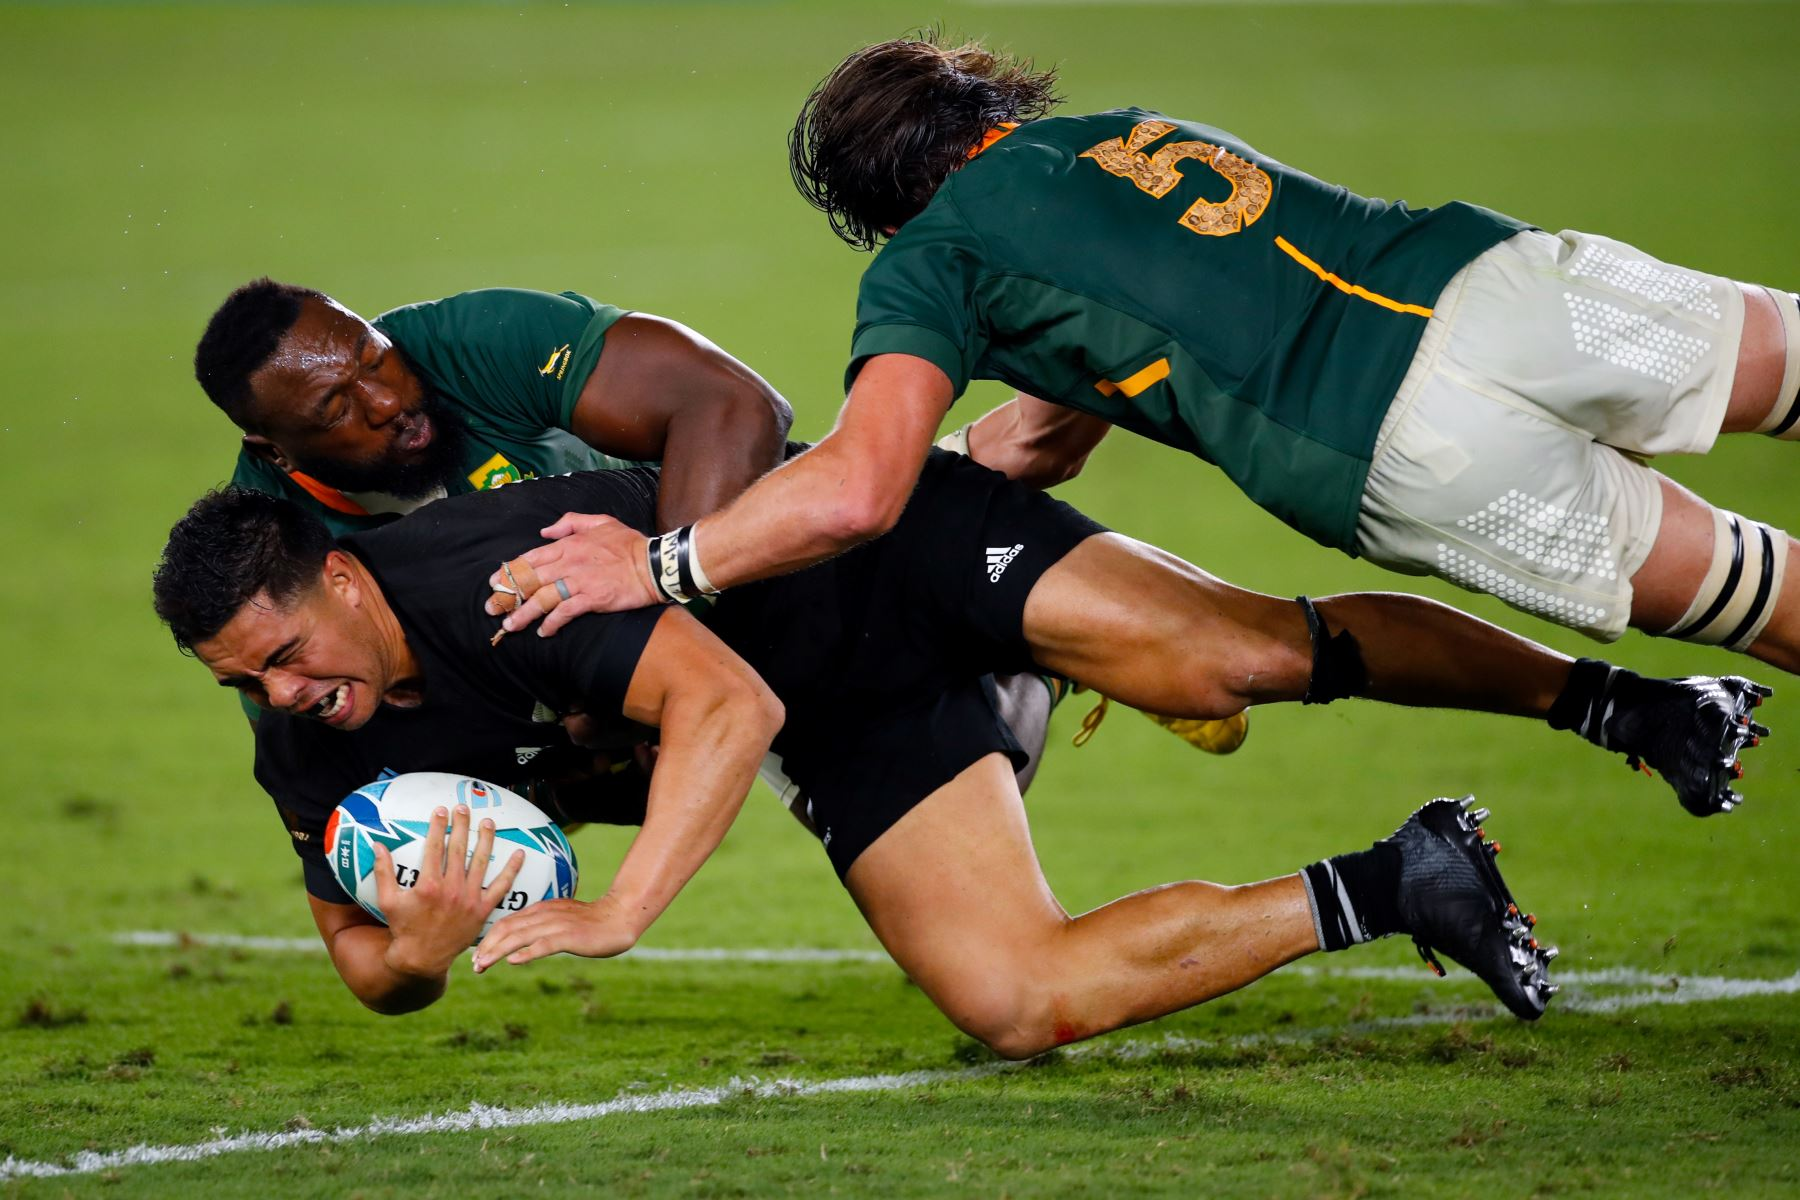 El centro de Nueva Zelanda, Anton Lienert-Brown (L), es abordado por el tenista sudafricano Tendai Mtawarira (C) y bloquea a Franco Mostert durante el partido del Grupo B de la Copa Mundial de Rugby de Japón 2019. Foto: AFP